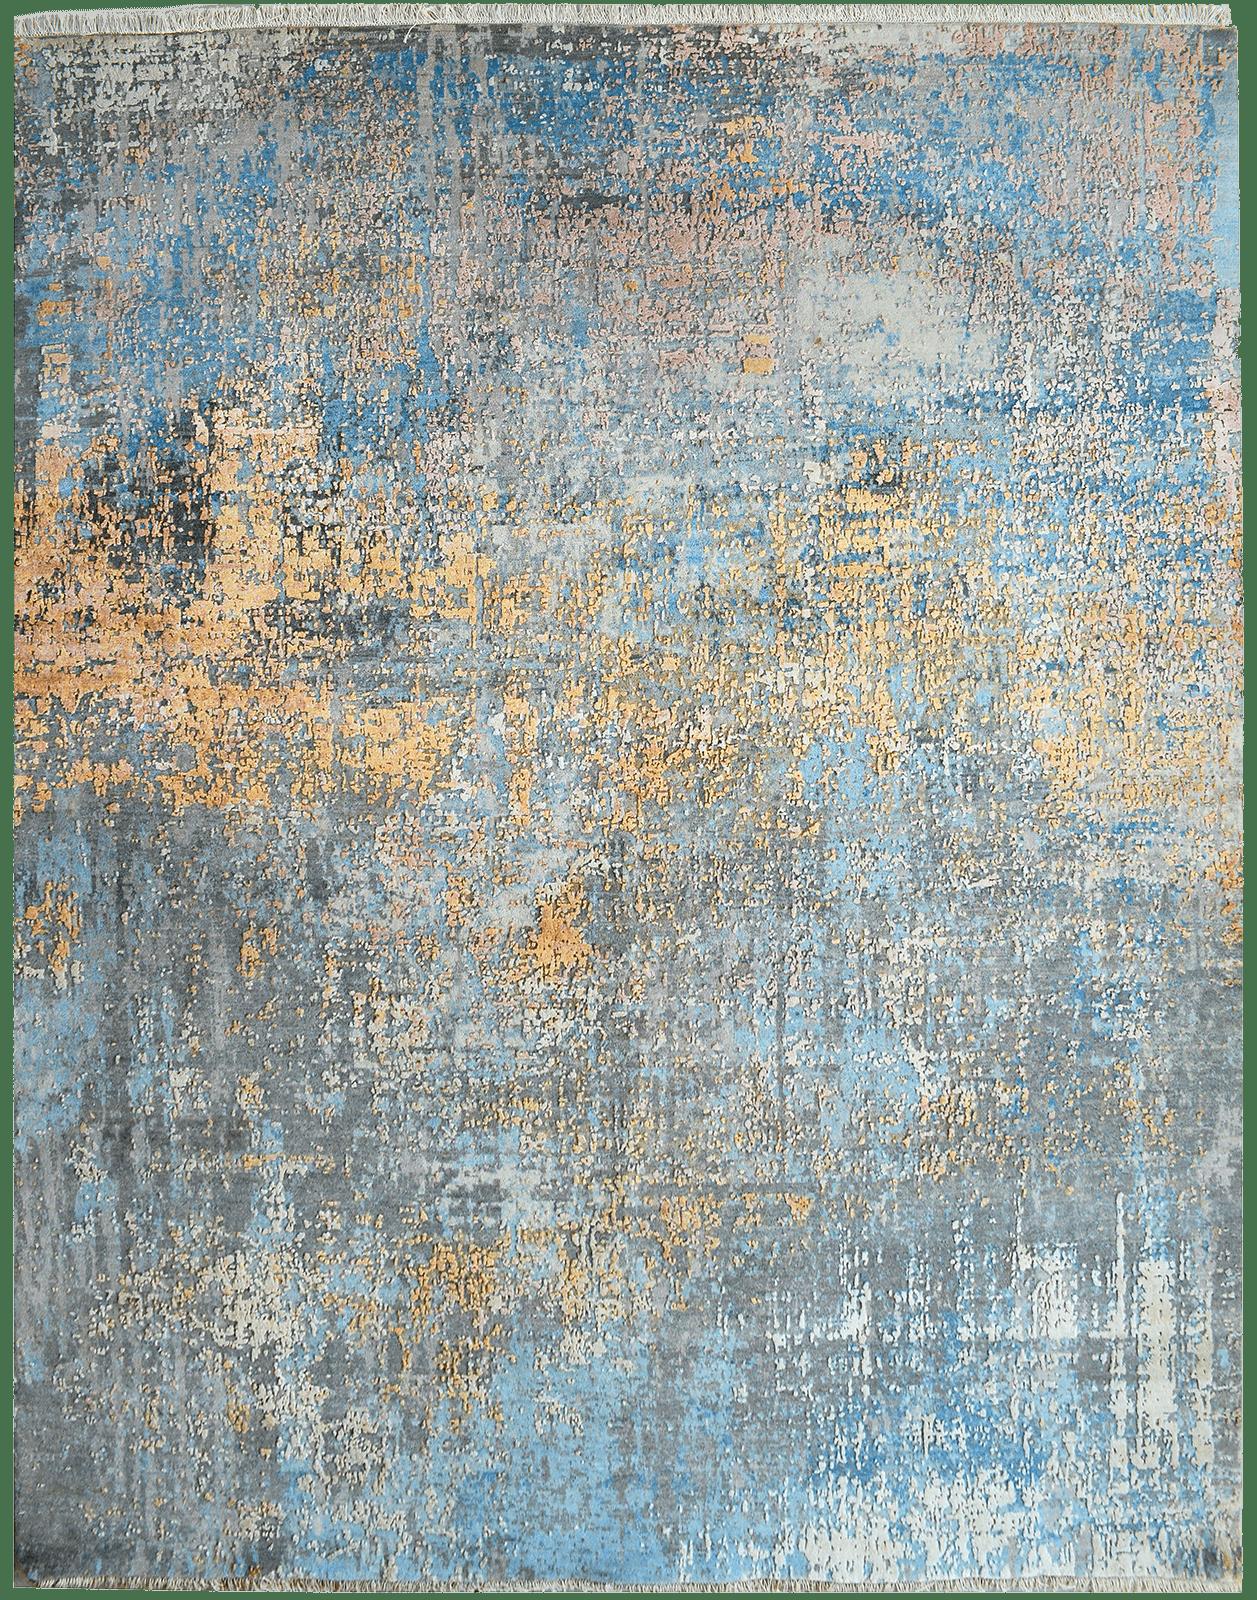 avant-garde-twilight-design-tapijt-luxe-moderne-exclusieve-design-tapijten-luxe-vloerkleden-zijde-multi-blauw-multi-roze-turquoise-305x244-koreman-maastricht-ce8583-recht